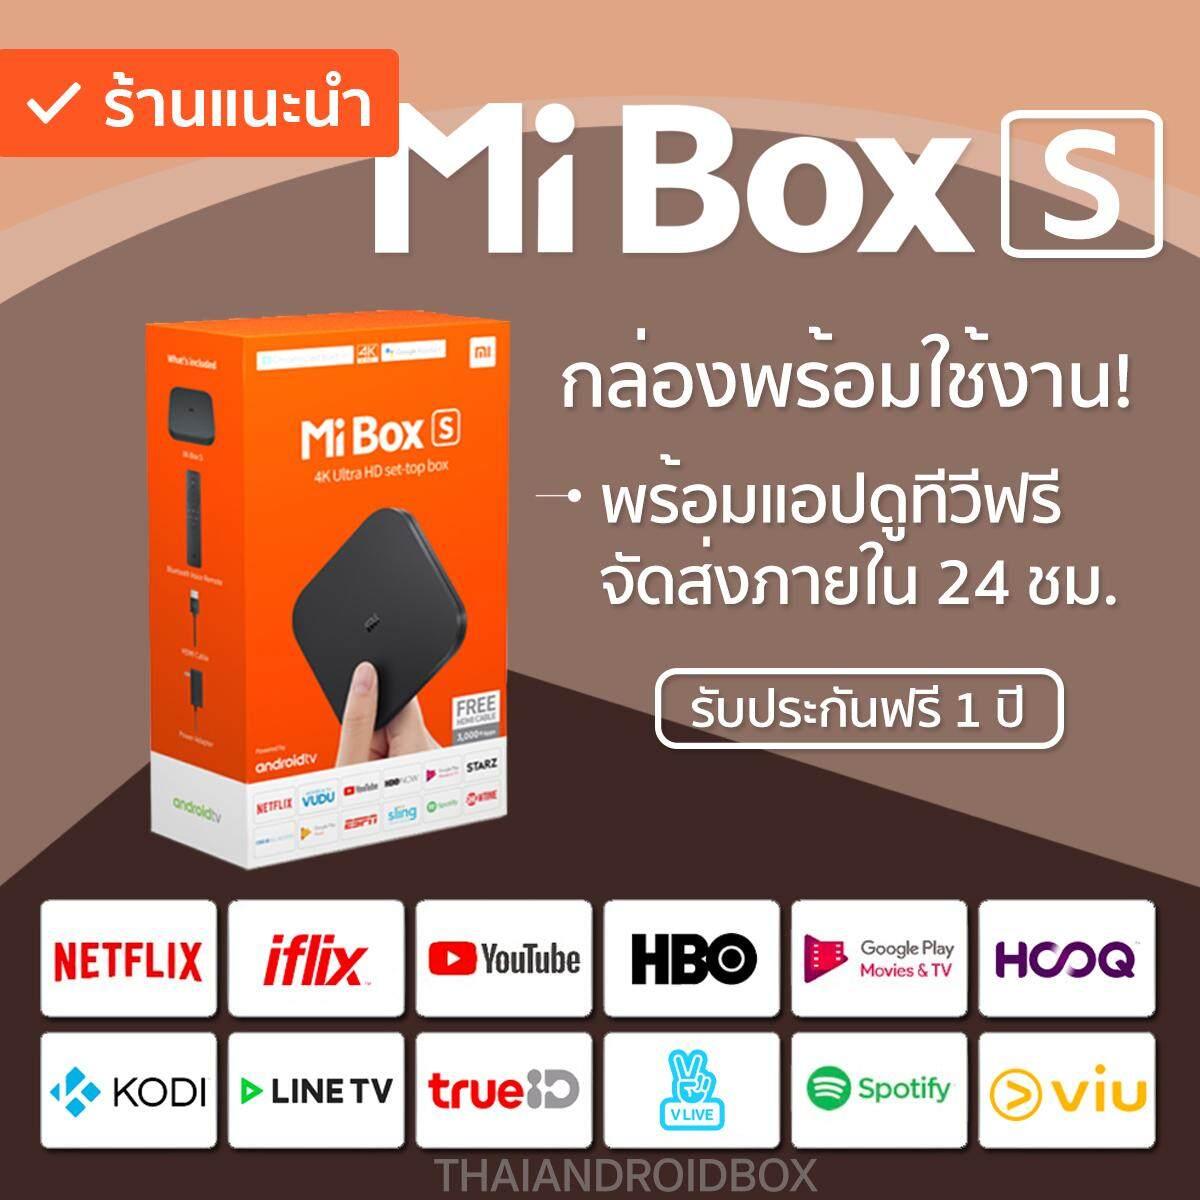 Xiaomi Mi Box S รุ่นใหม่ !!!! Global Version - รองรับภาษาไทย